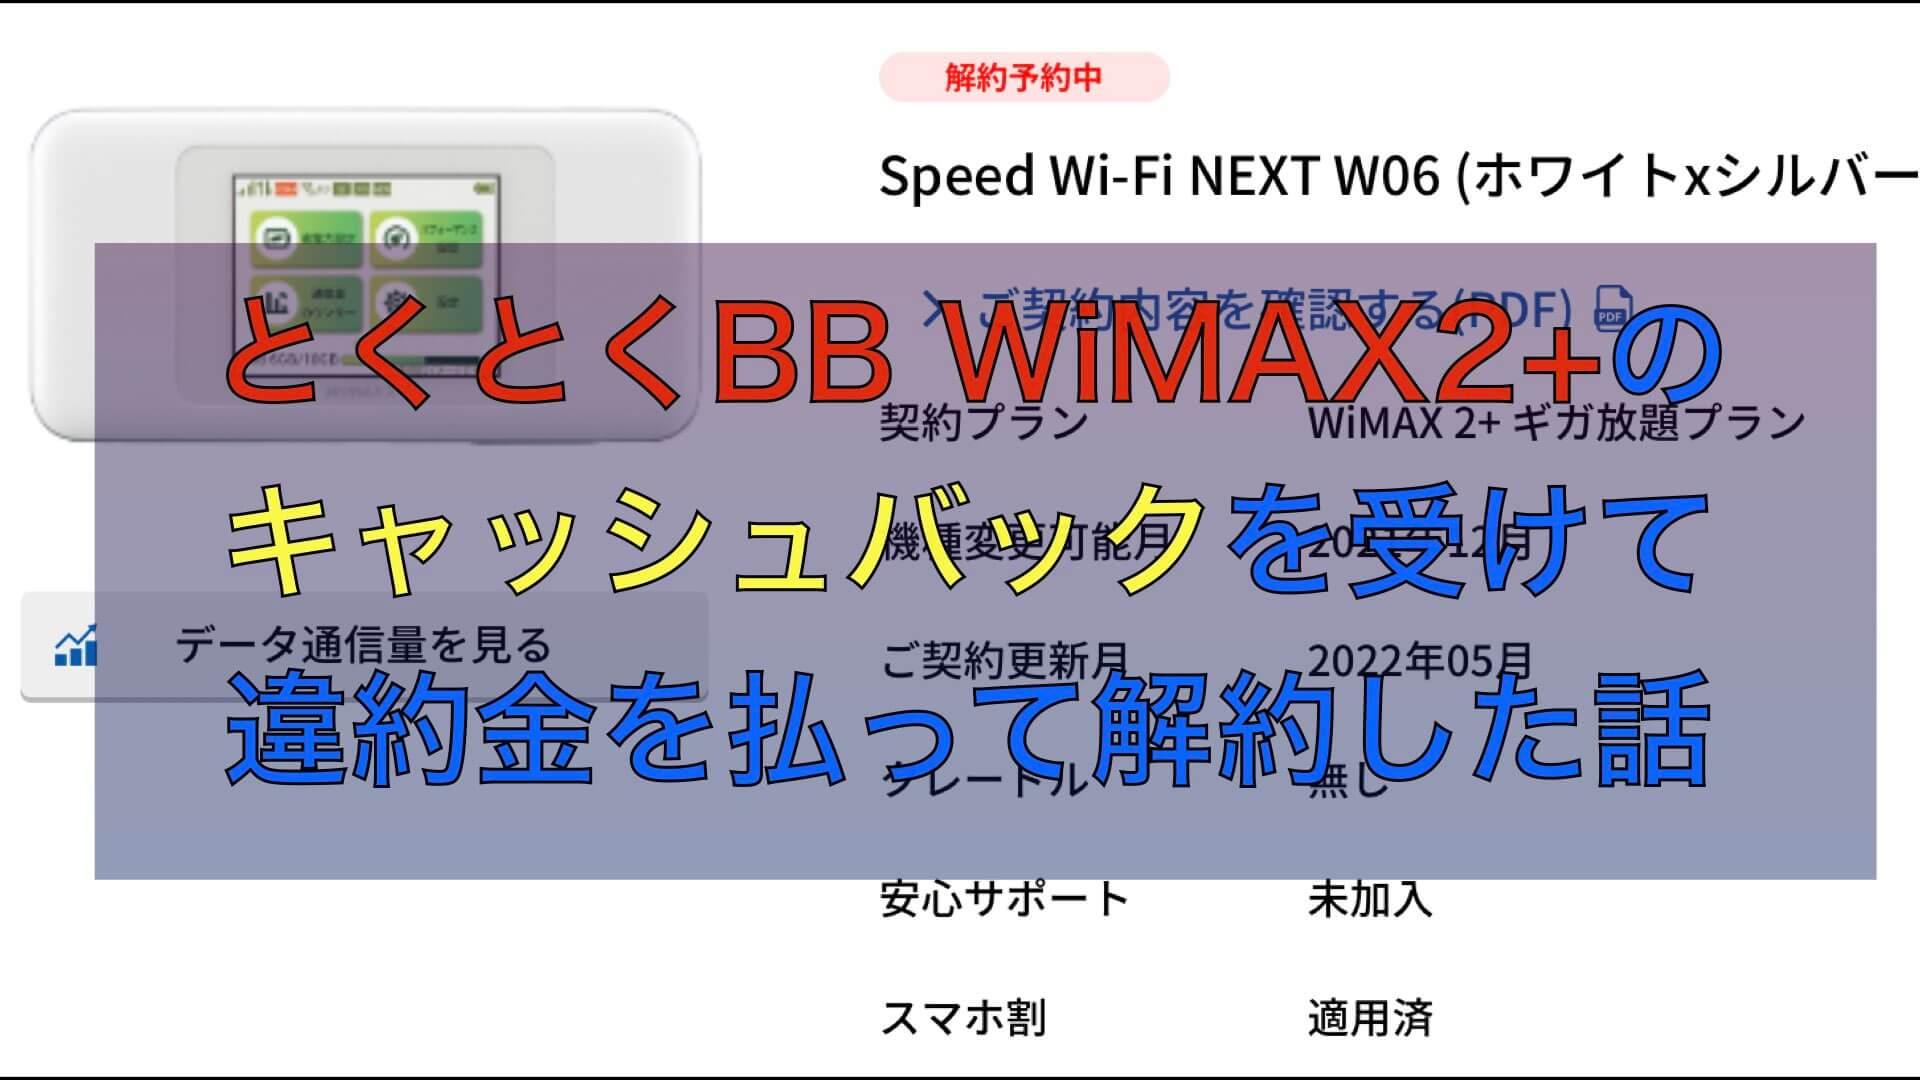 とくとくBB WiMAX2+のキャッシュバックを受けて契約途中解約した話